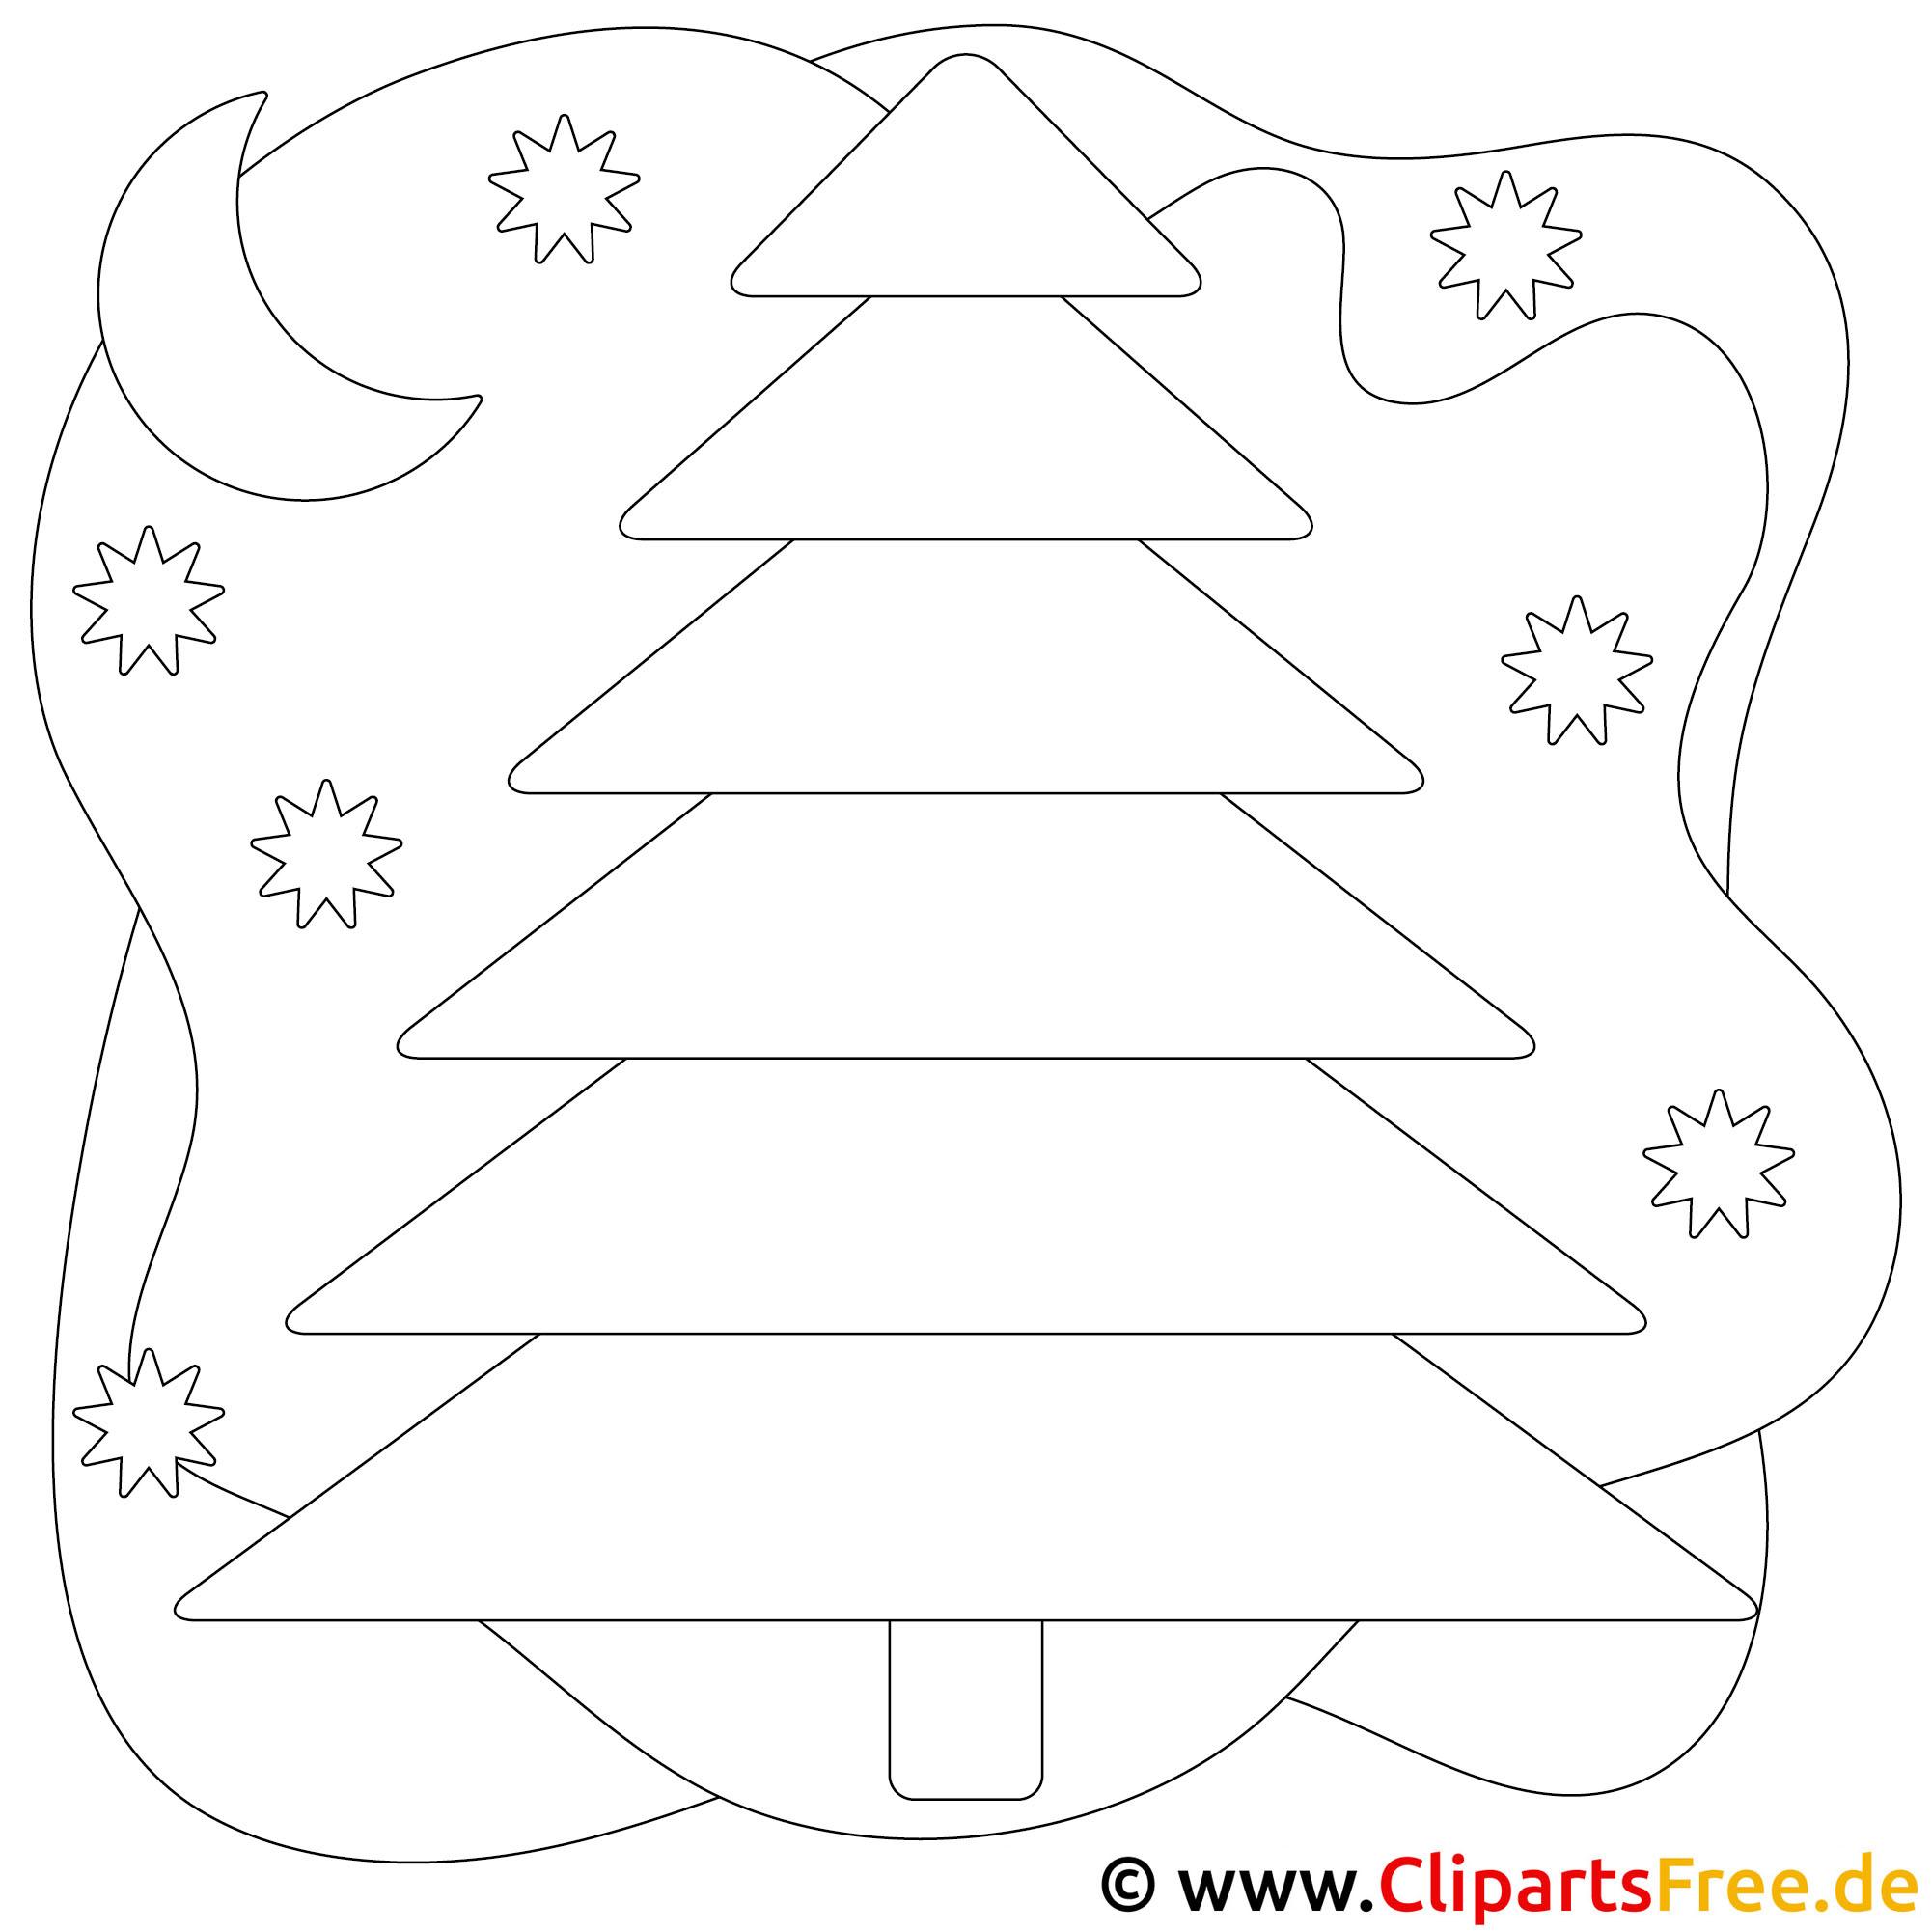 Window Color Vorlage zu Weihnachten Tannenbaum im Wald